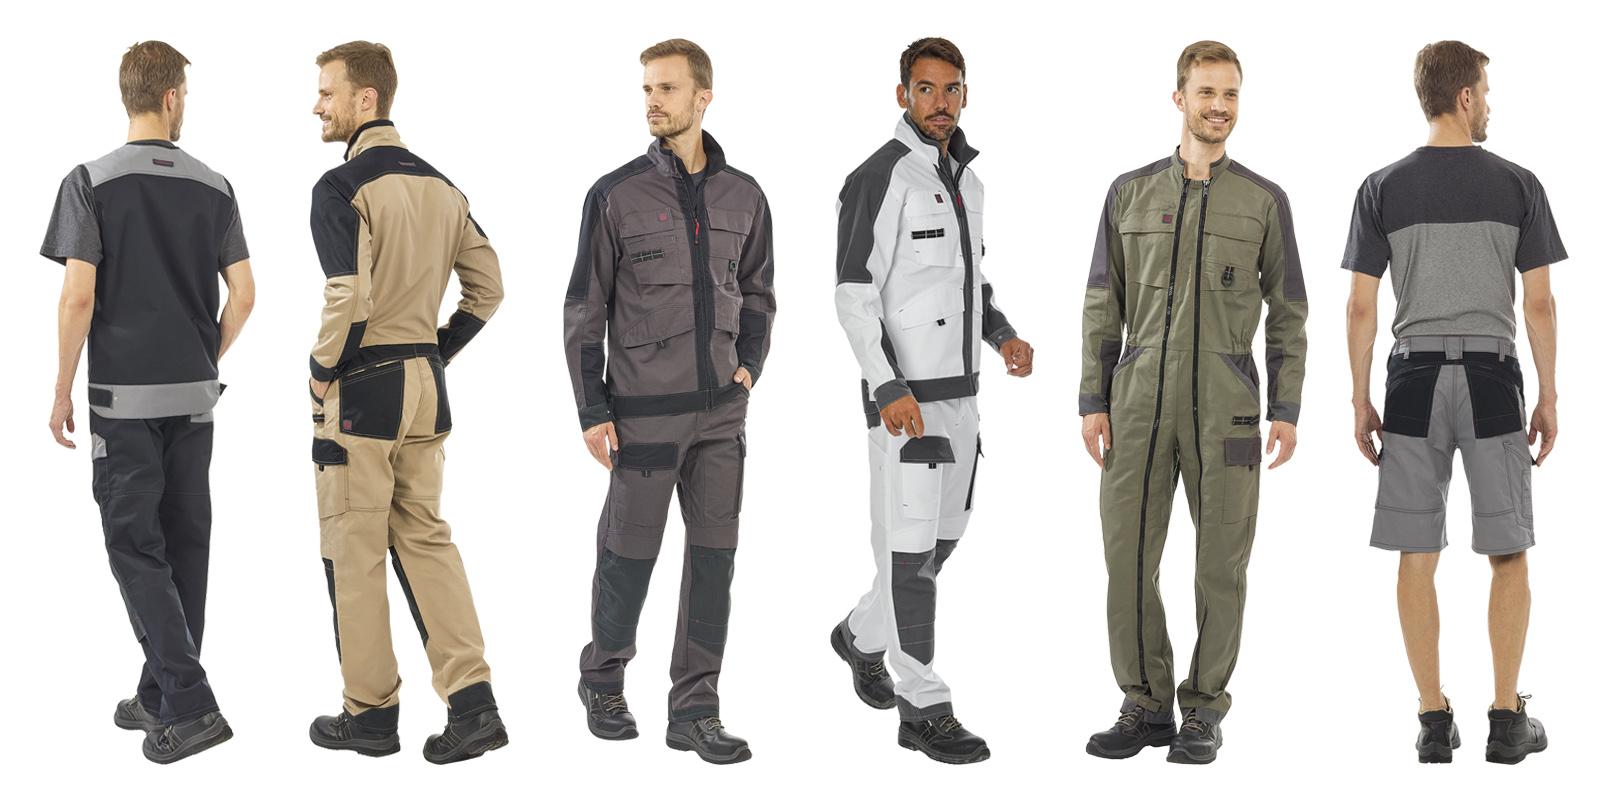 Est-ce que les vêtements professionnels sont obligatoires?